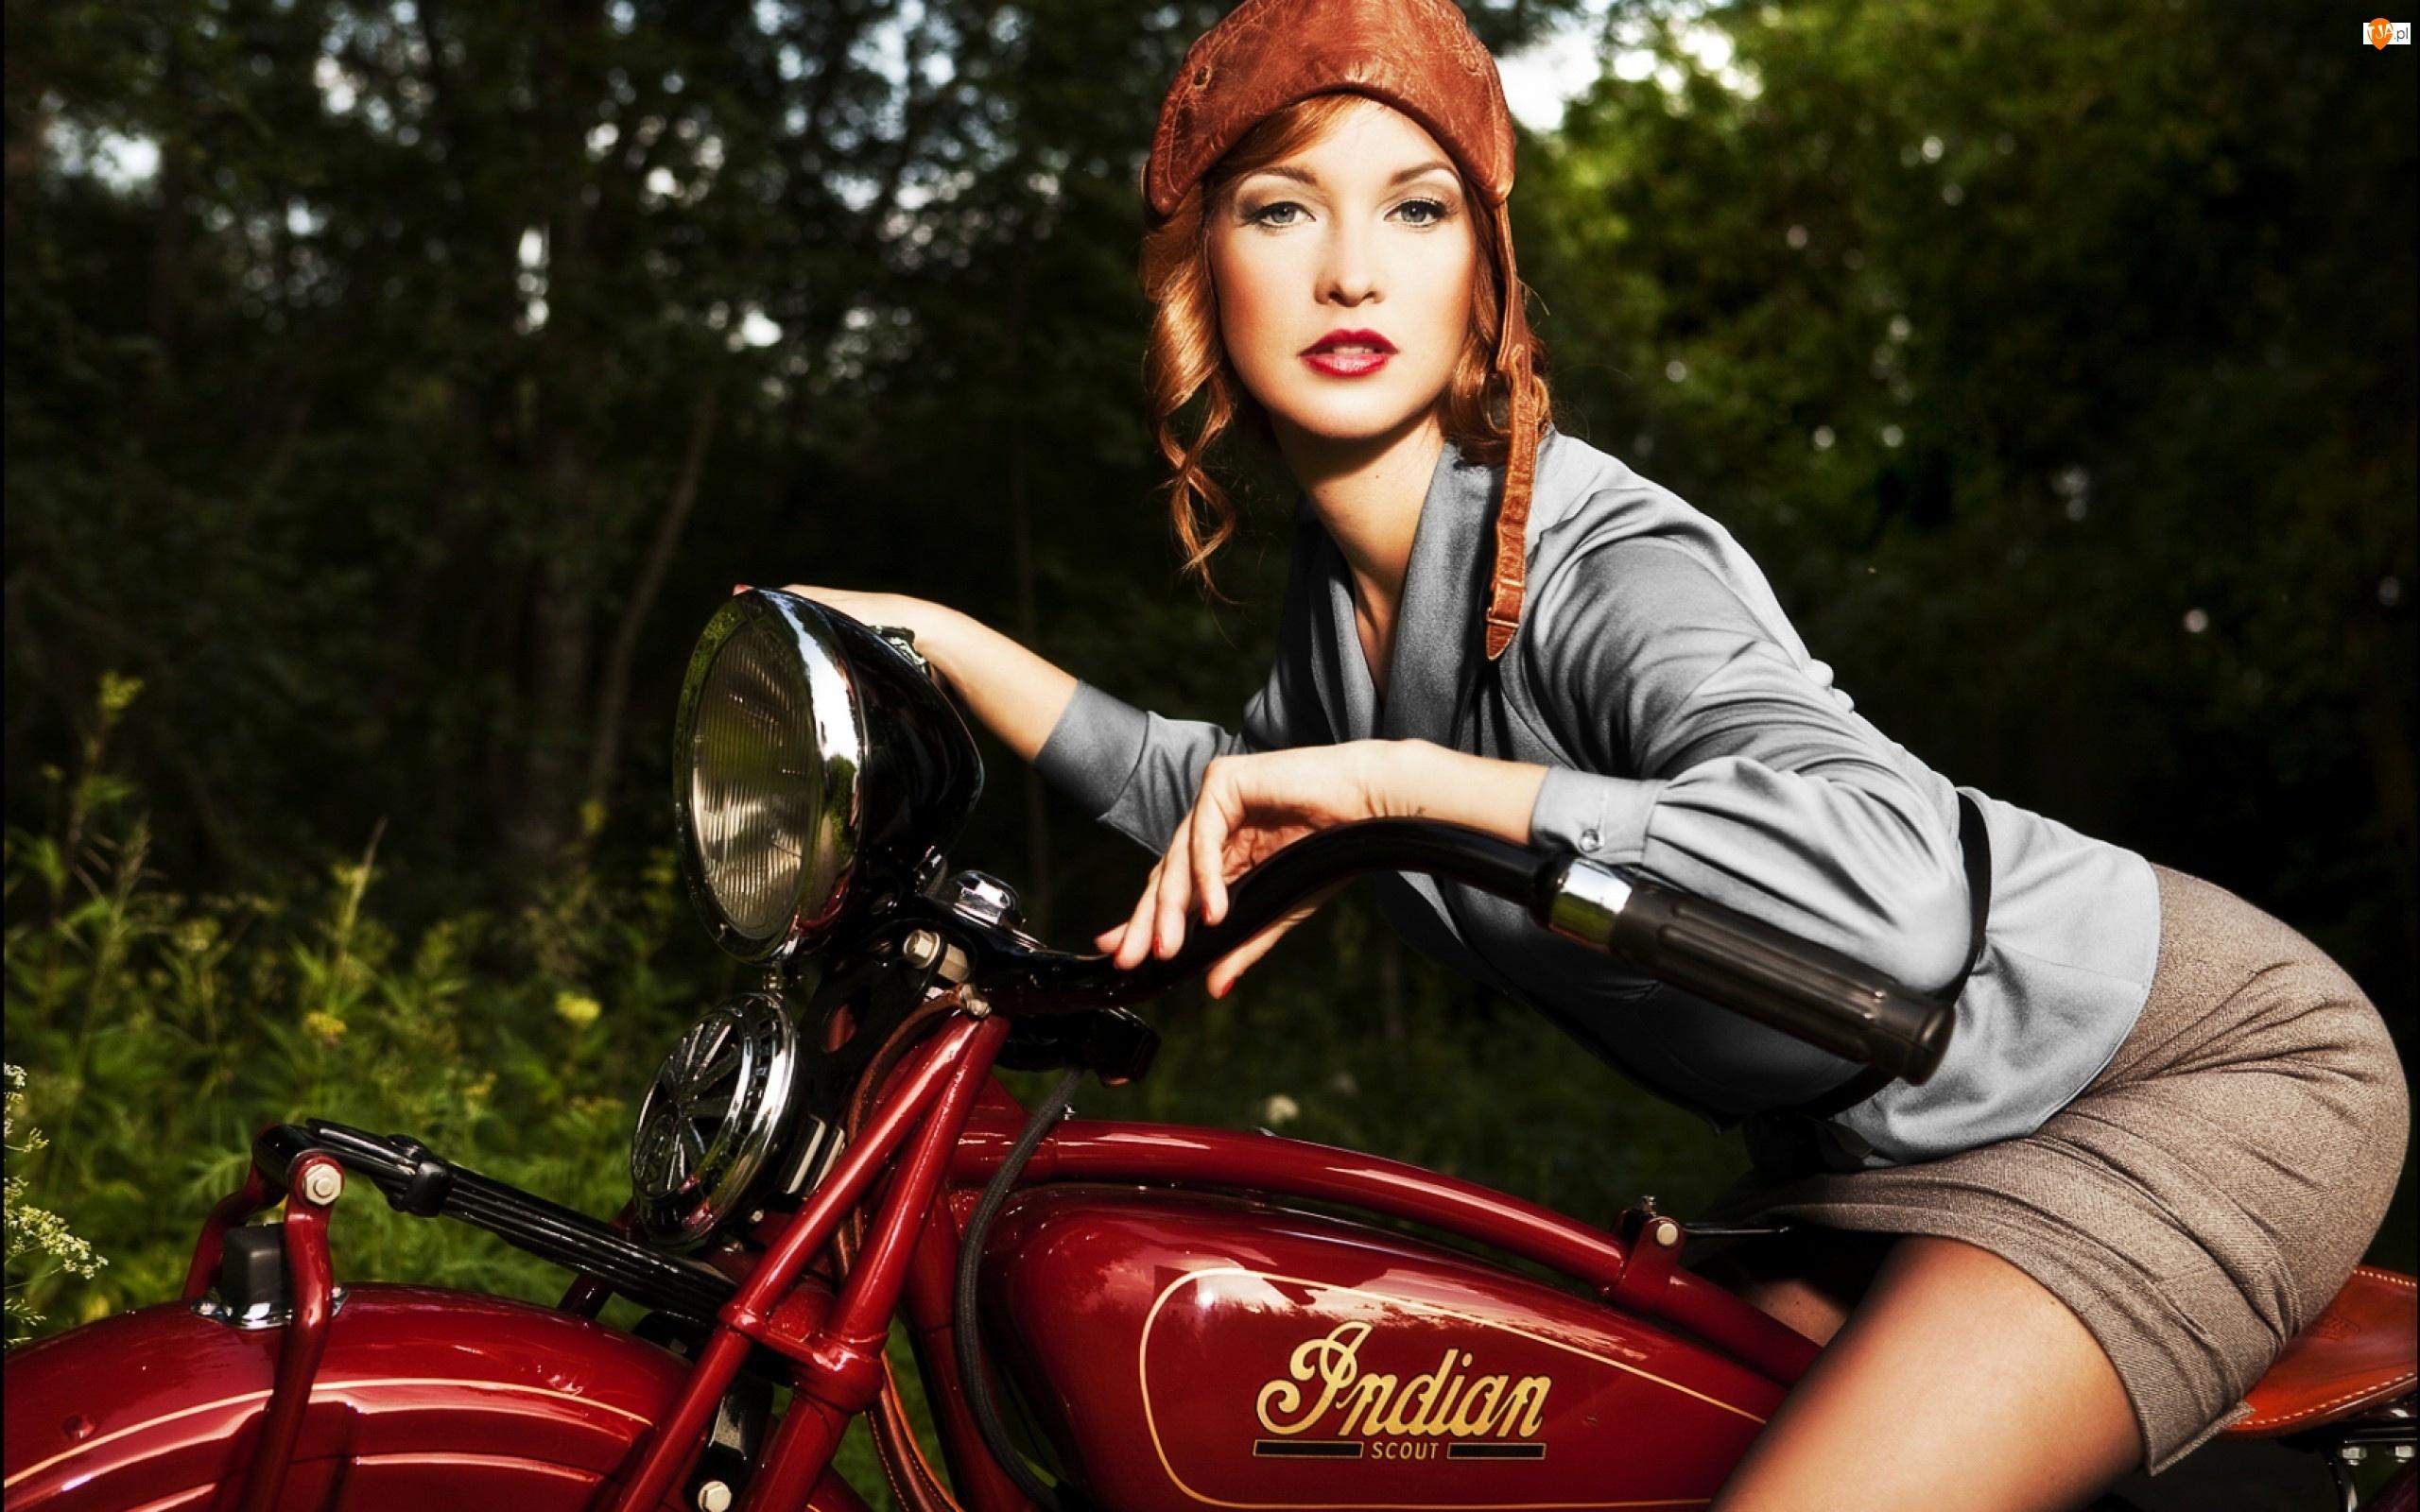 Las, Kobieta, Motocykl